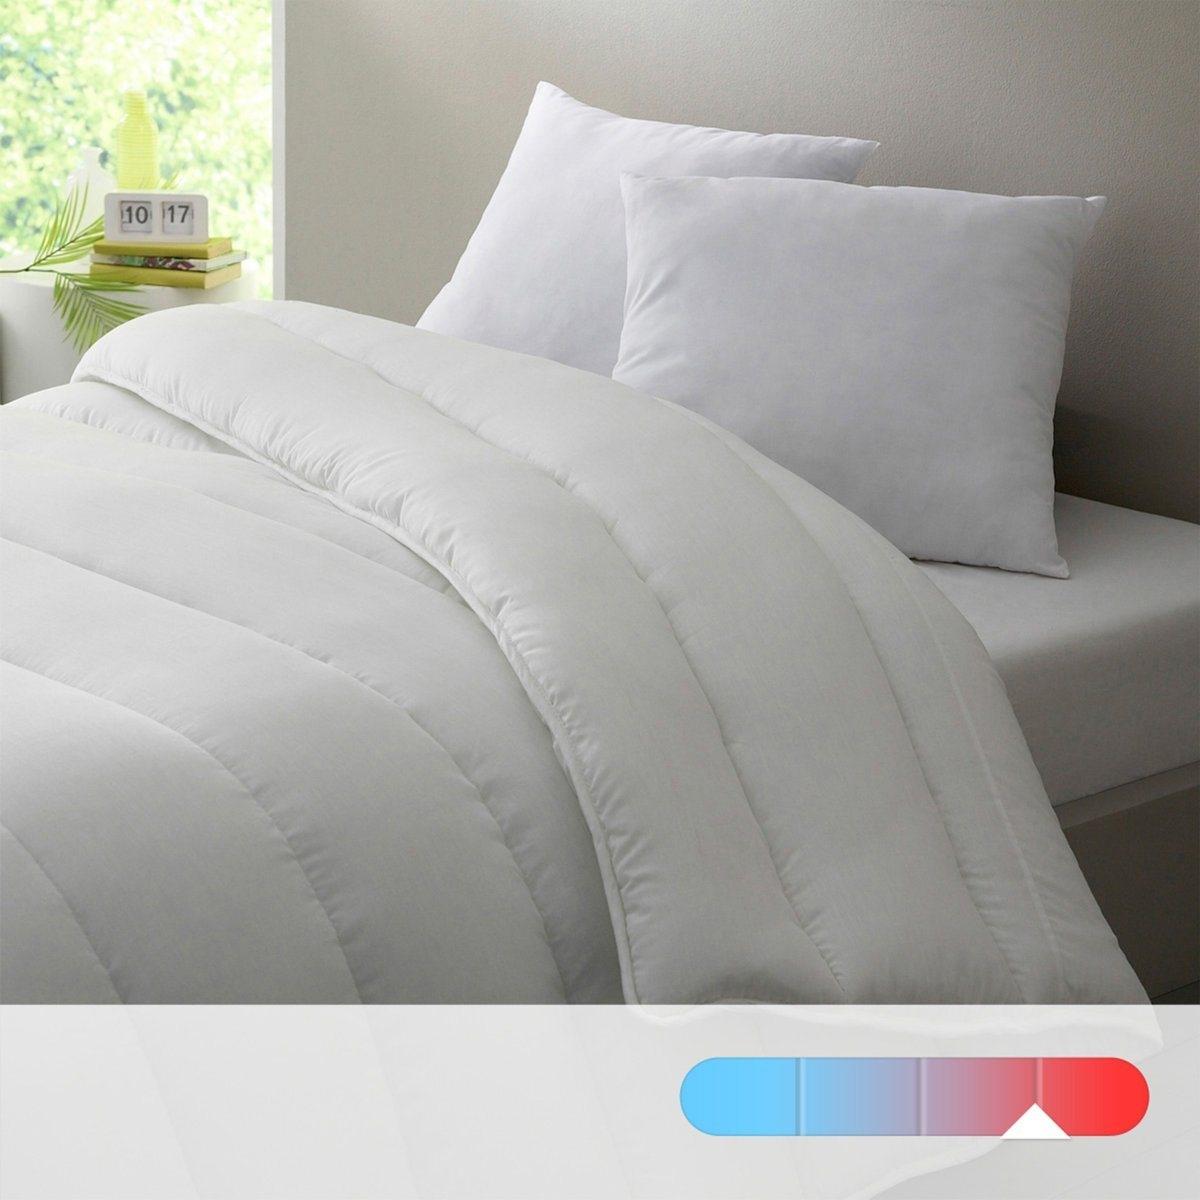 Одеяло 500 г/м², 100% полиэстер, обработка против клещей одеяло luolailin 100